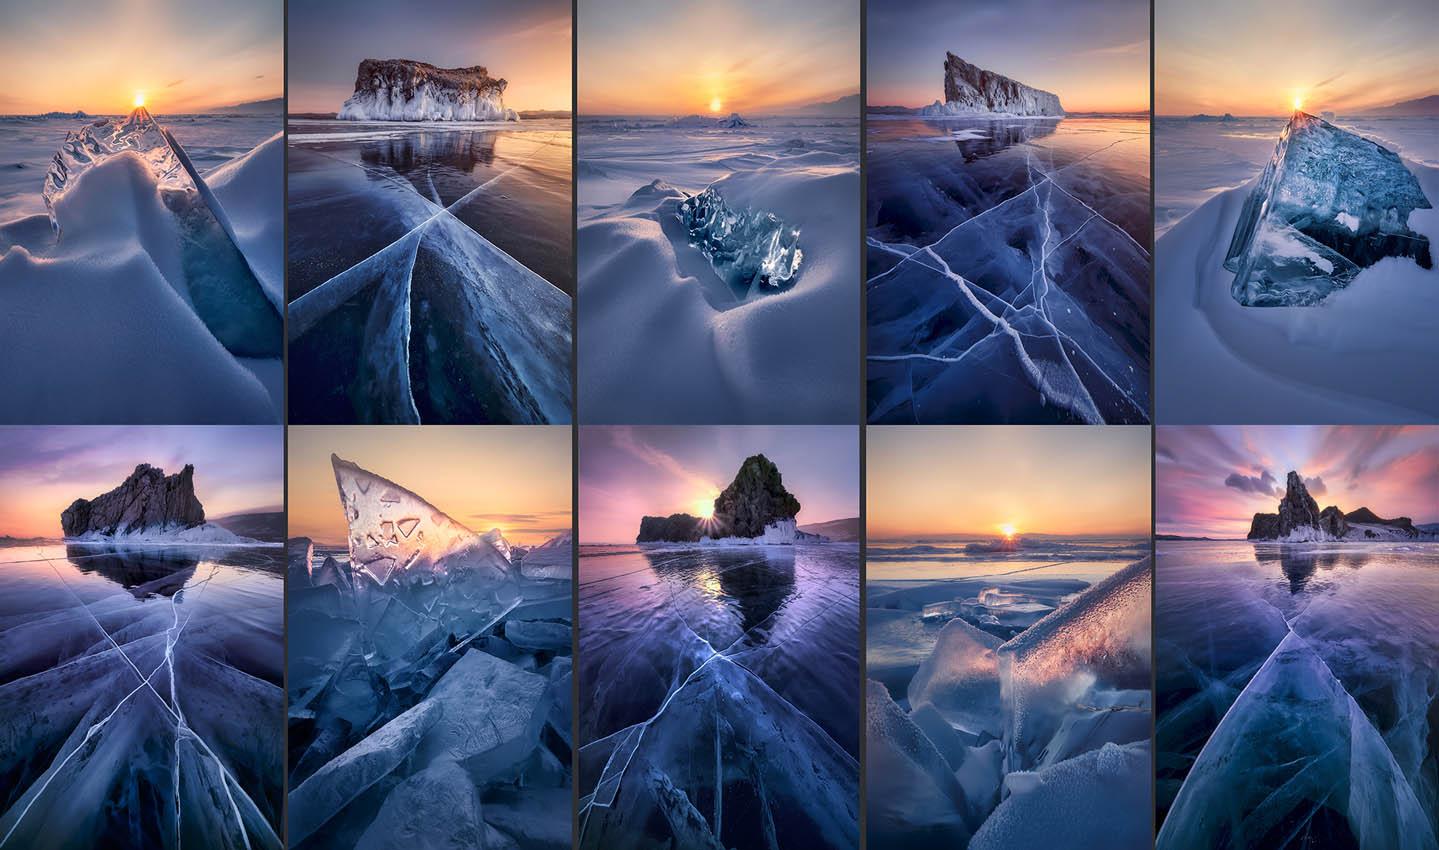 Las impresionates fotos que le han valido a Jesús M. García para ser finalista de un premio nacional.